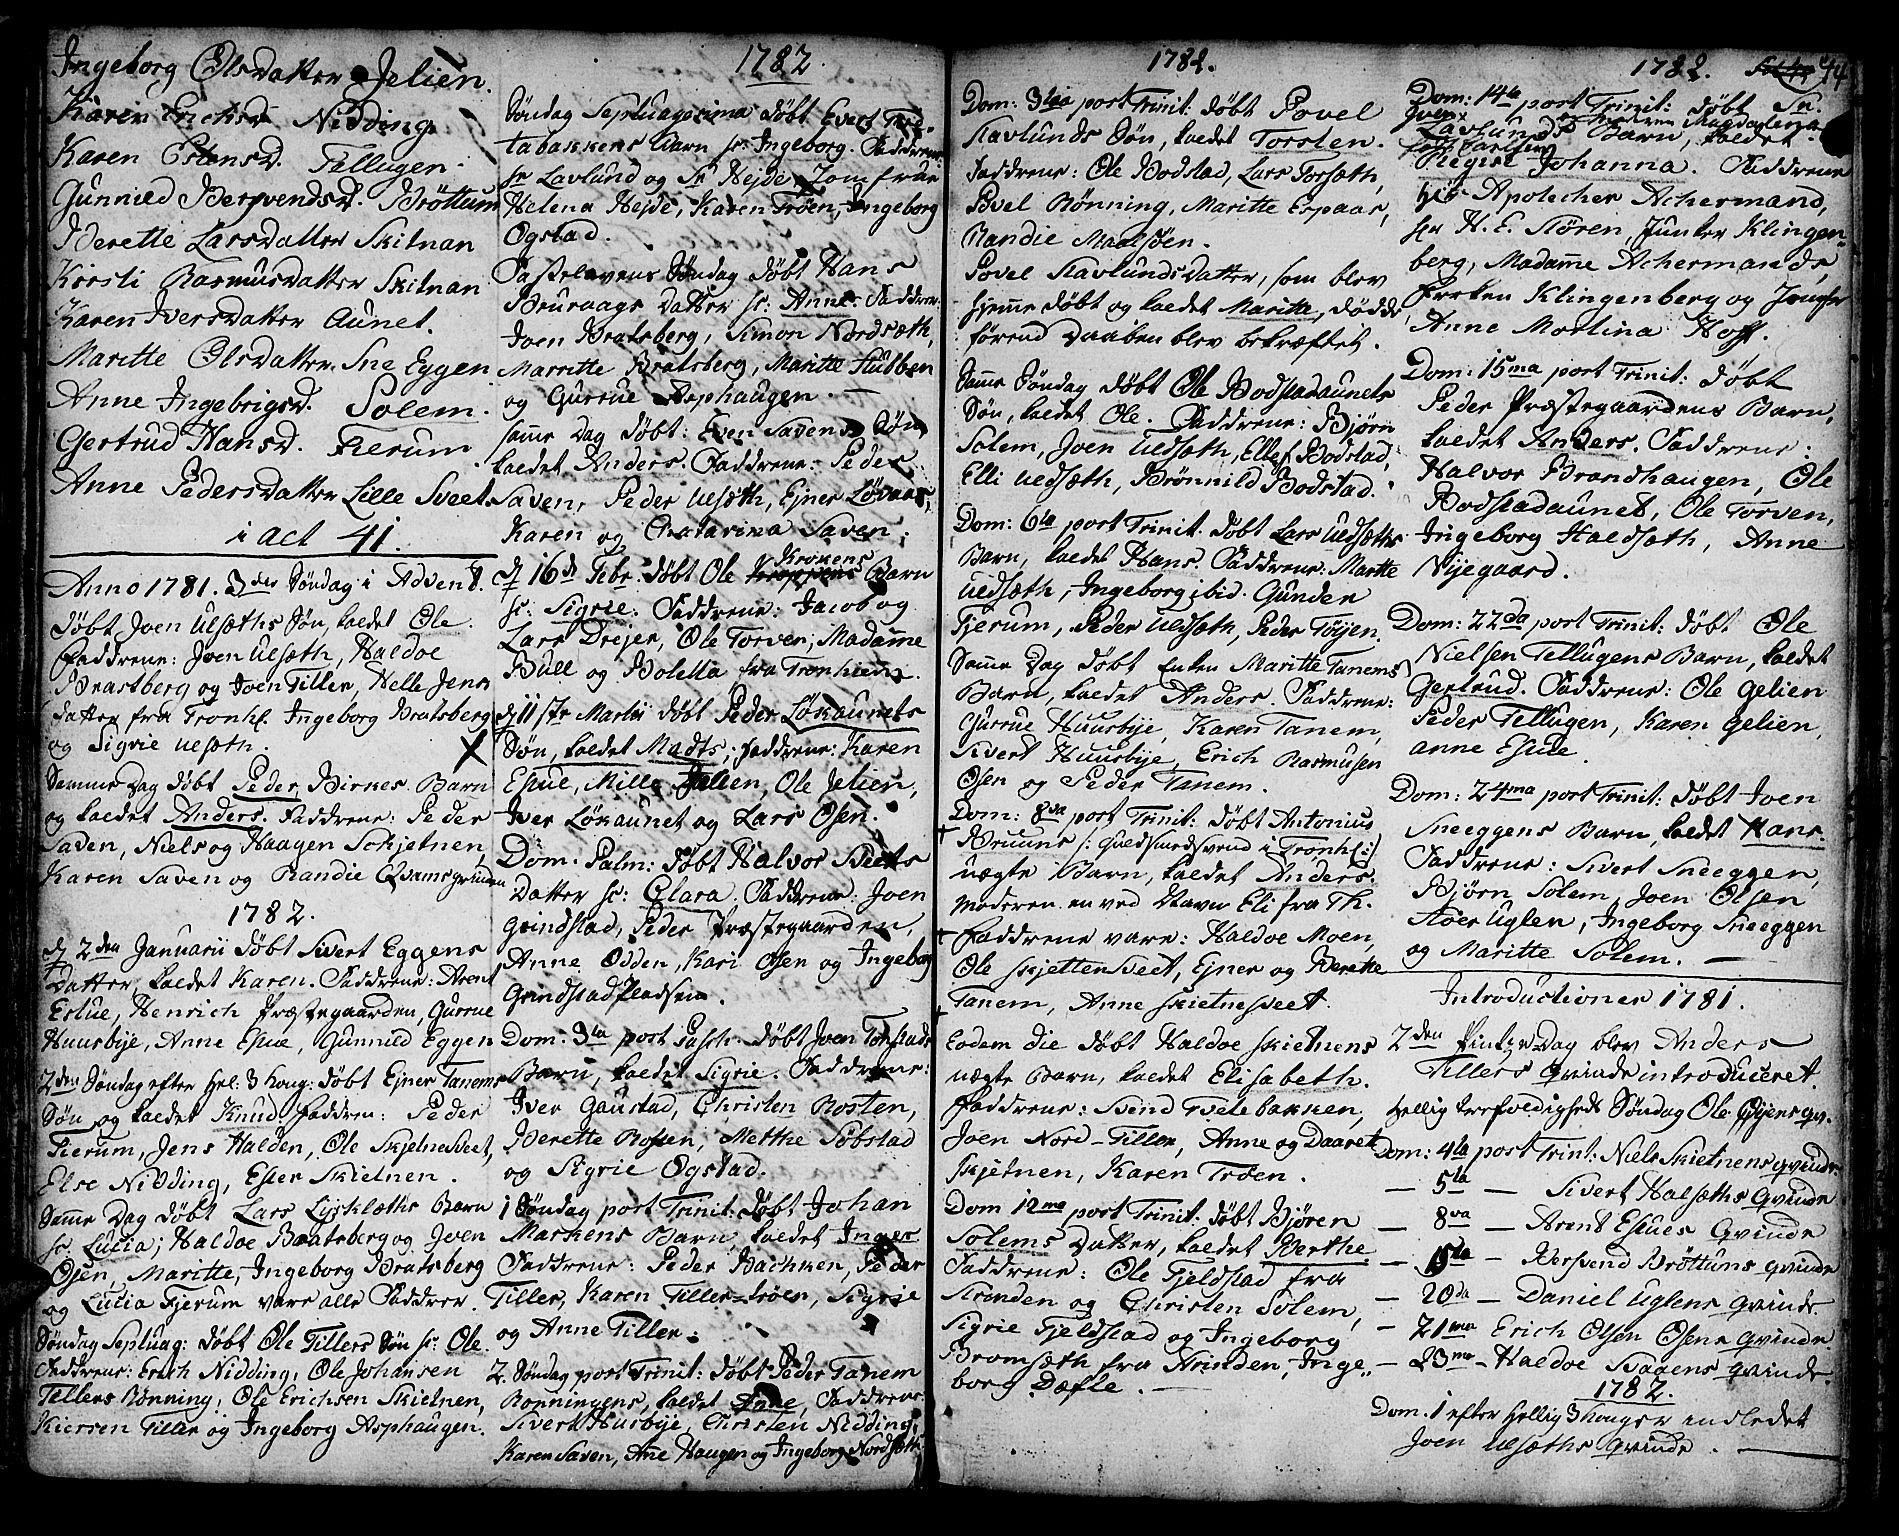 SAT, Ministerialprotokoller, klokkerbøker og fødselsregistre - Sør-Trøndelag, 618/L0437: Ministerialbok nr. 618A02, 1749-1782, s. 44